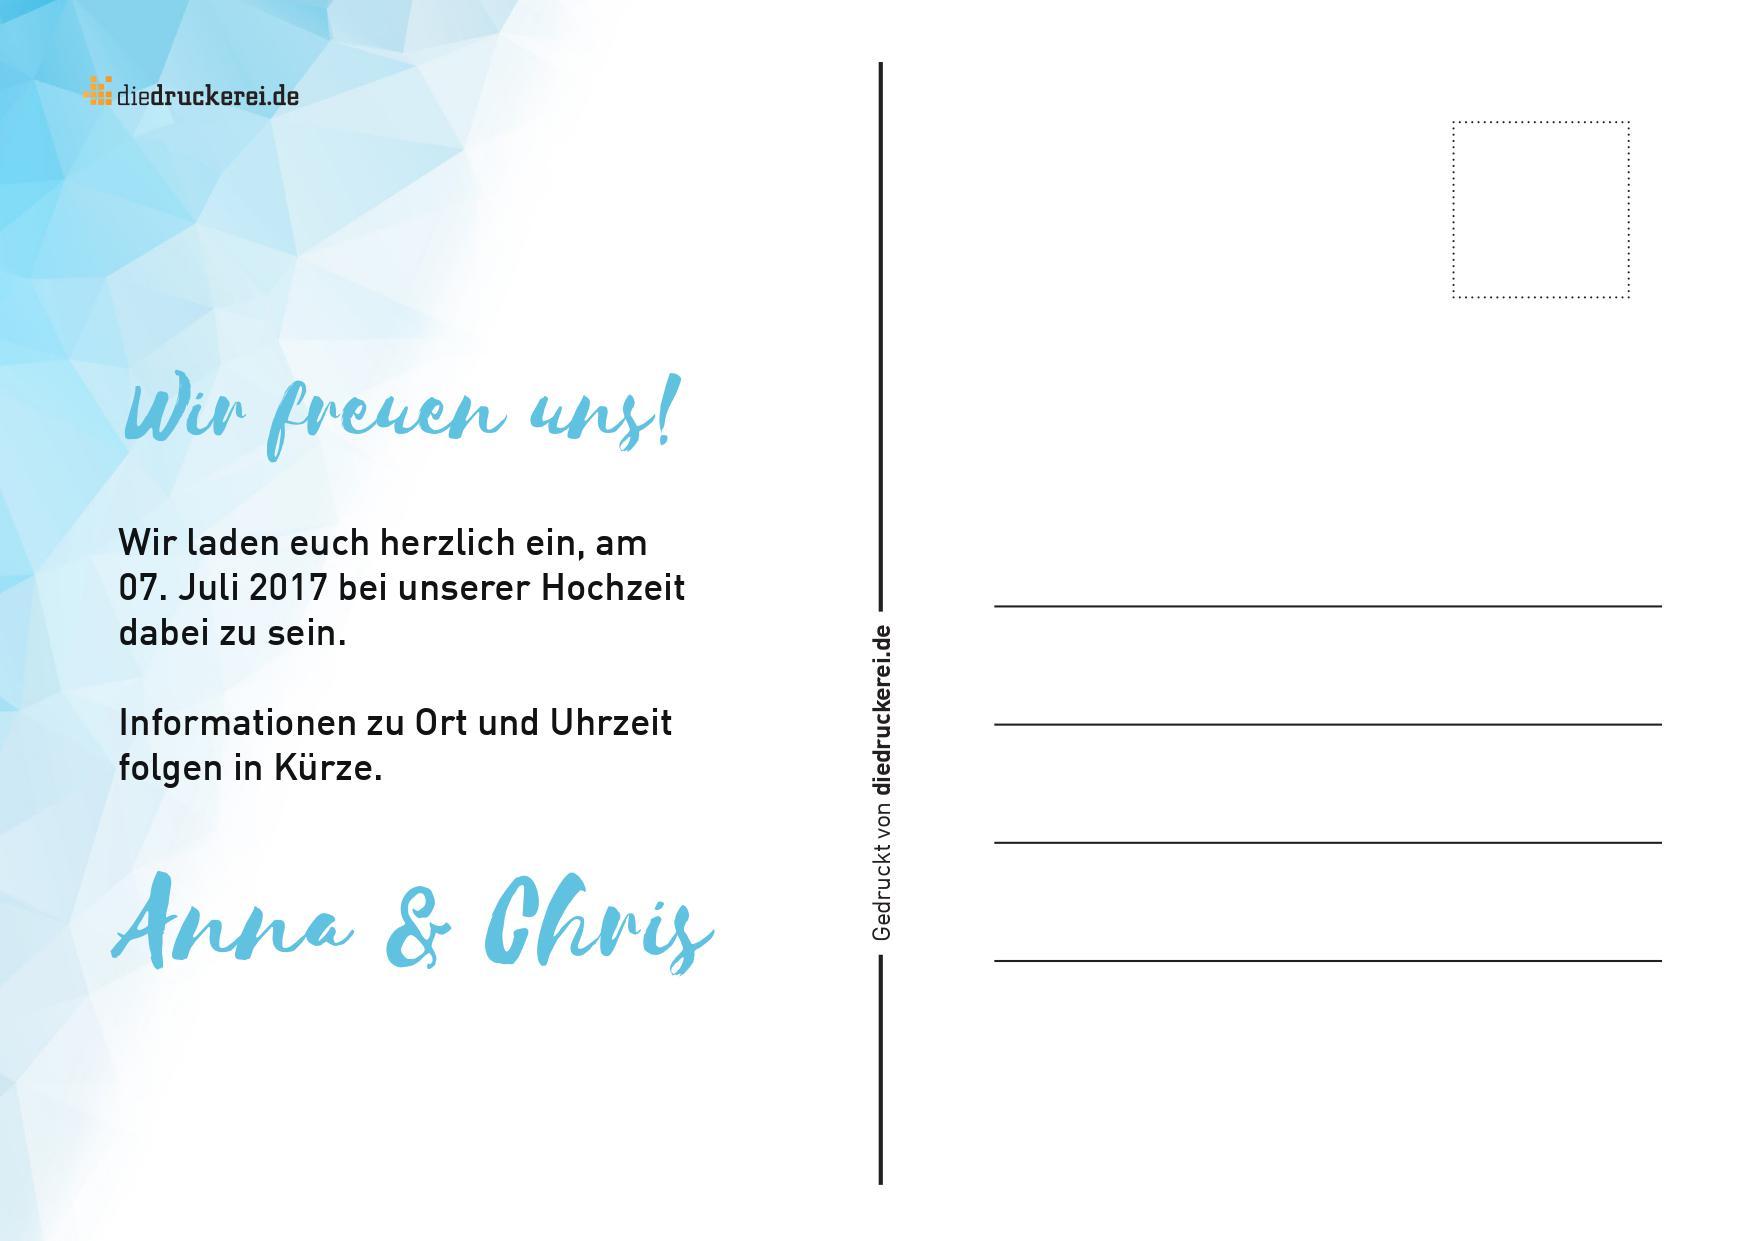 Groß Postkarte Leere Vorlage Galerie - Beispiel Wiederaufnahme ...